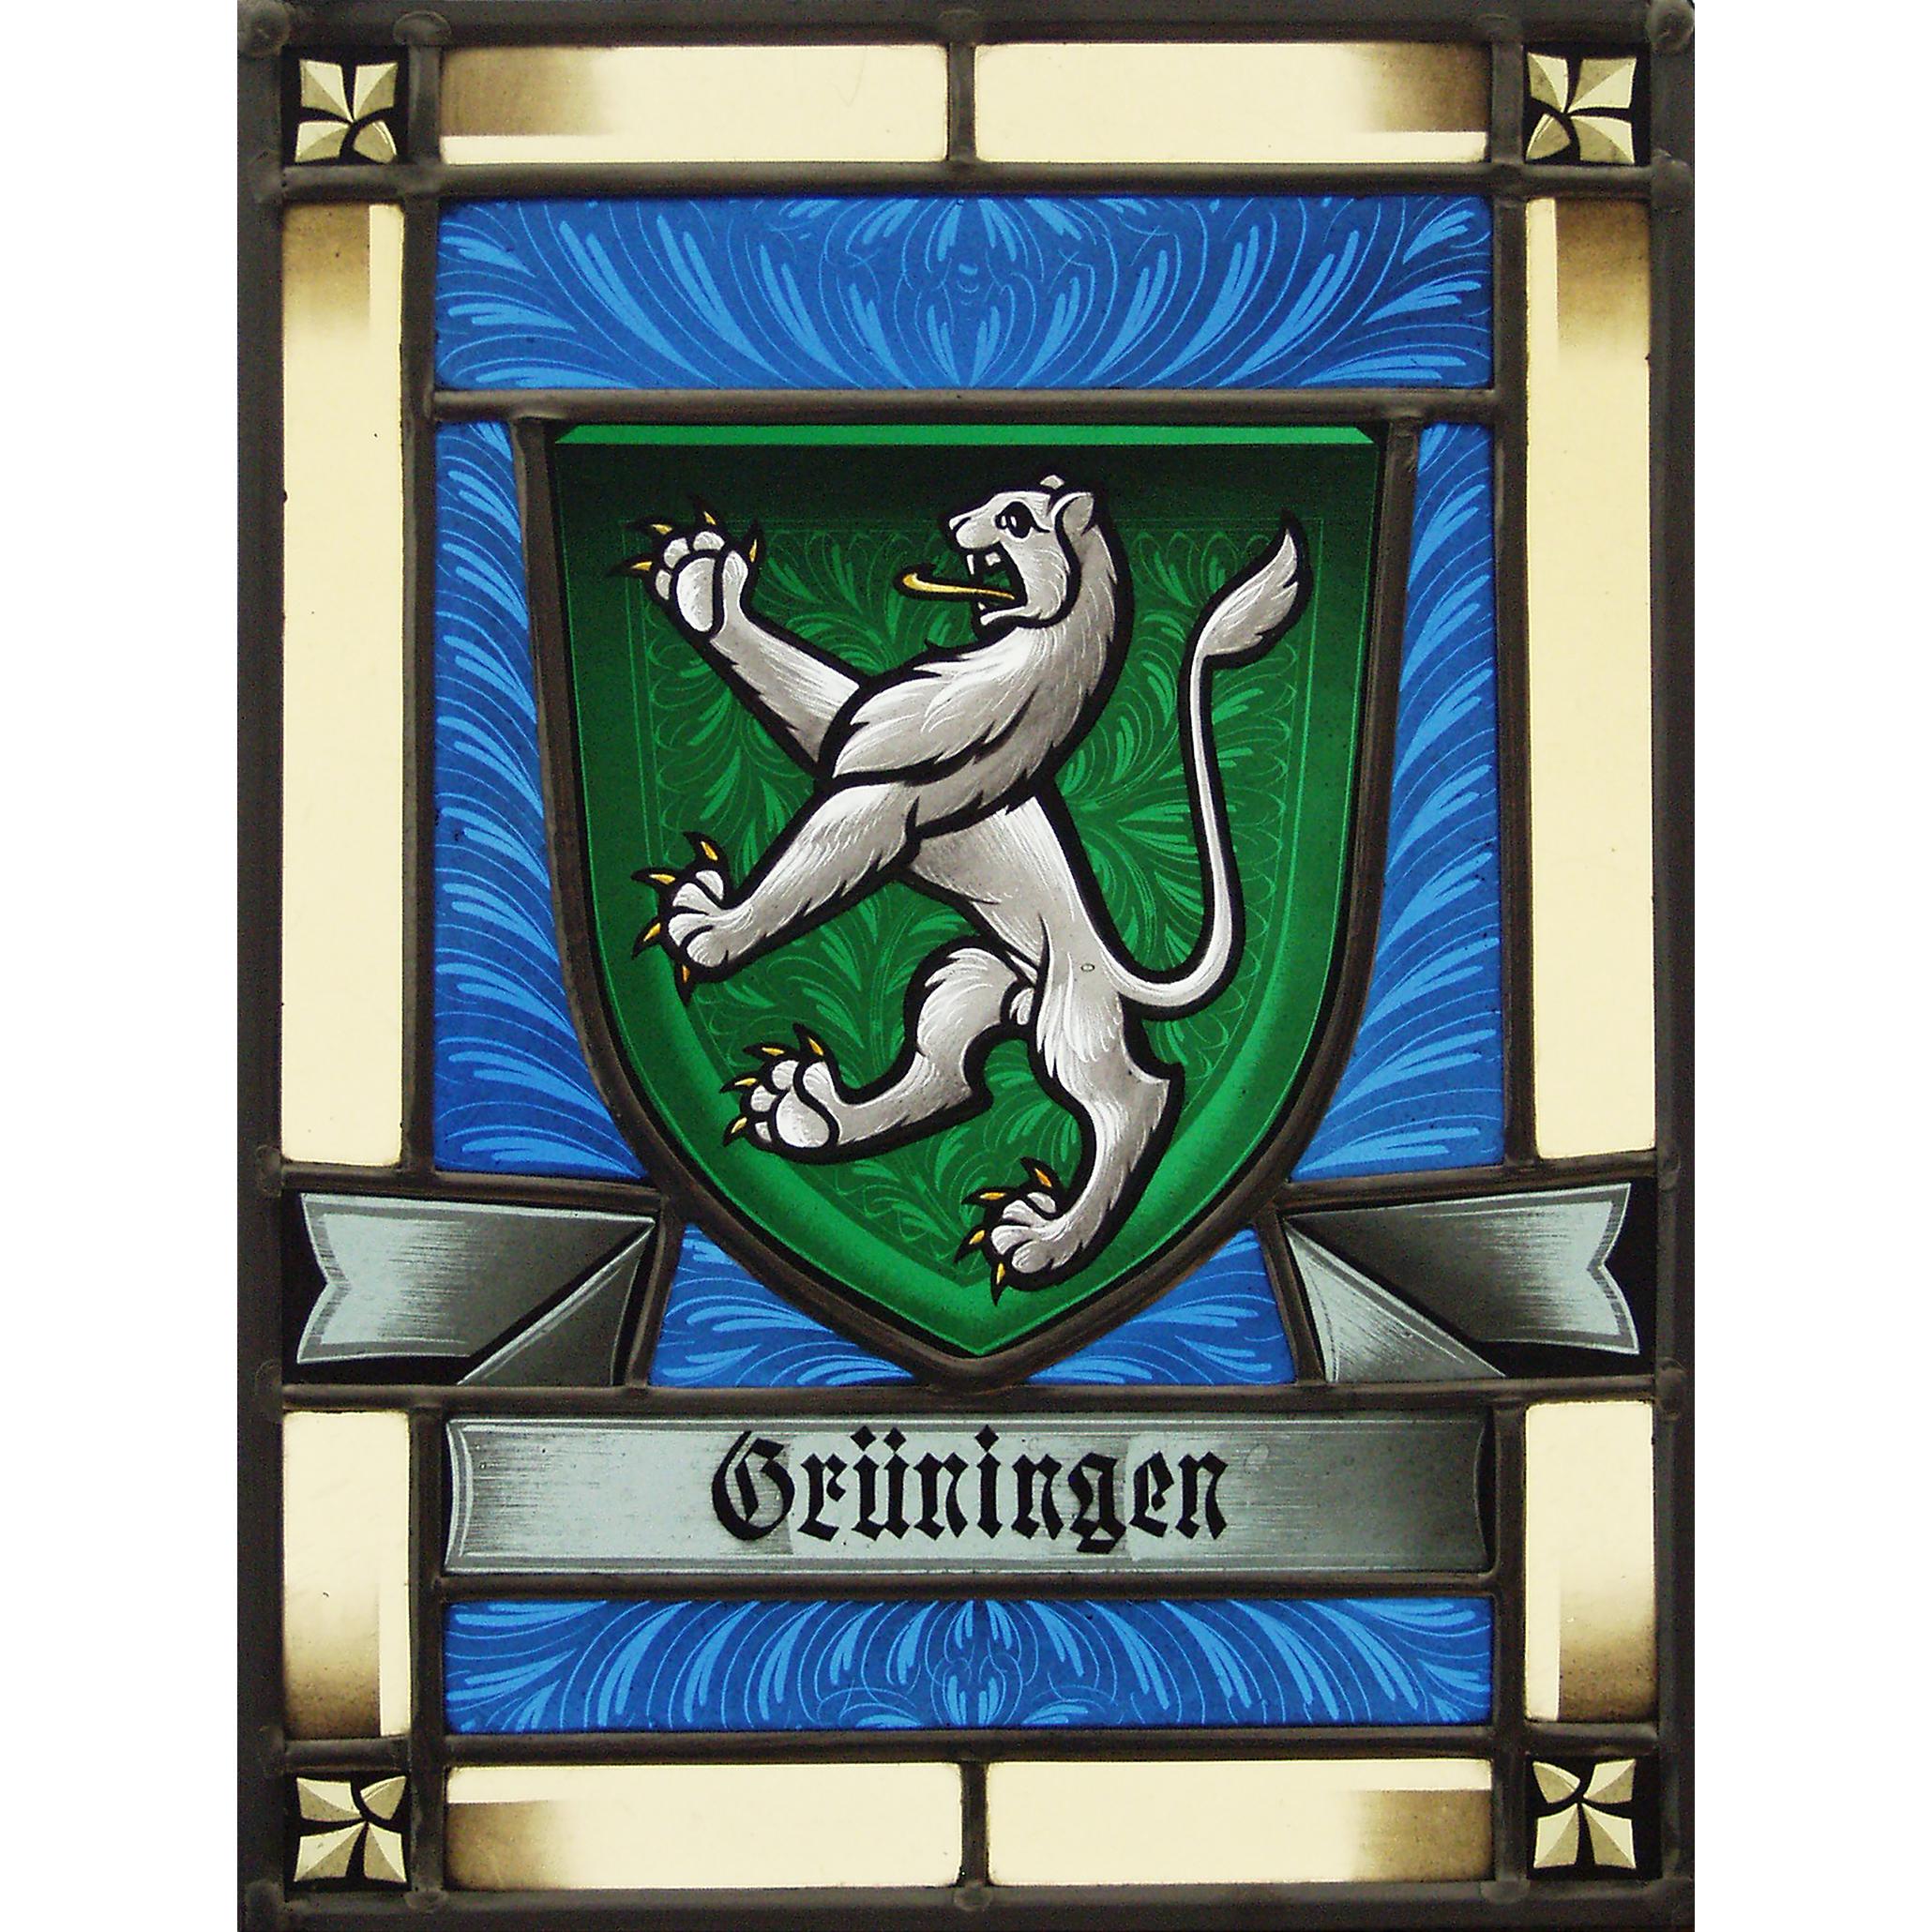 Wappenscheibe Grüningen – Grisailles -Bleiverglasung-Wappenscheibe Glasmalerei